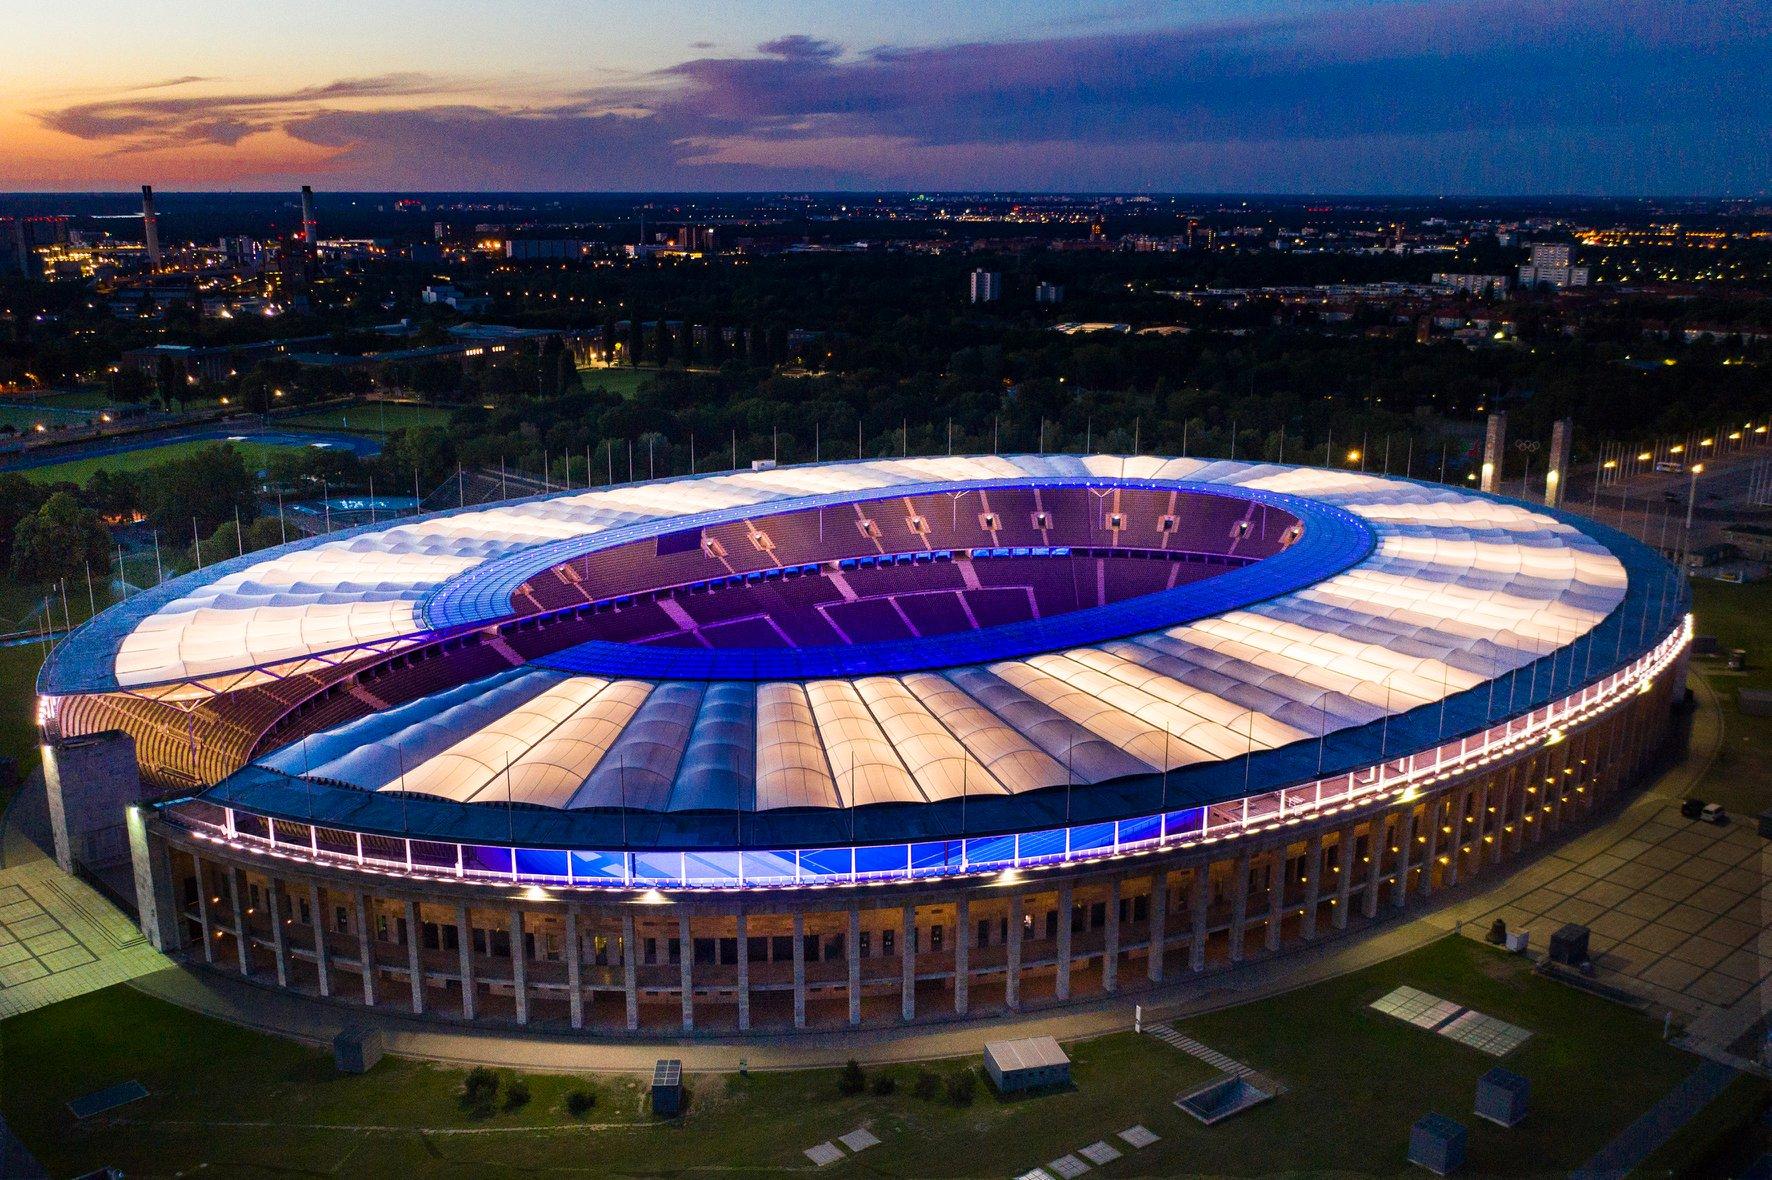 Umbau Der Beleuchtungsanlage Im Olympiastadion Ist Abgeschlossen Entwicklungsstadt Berlin